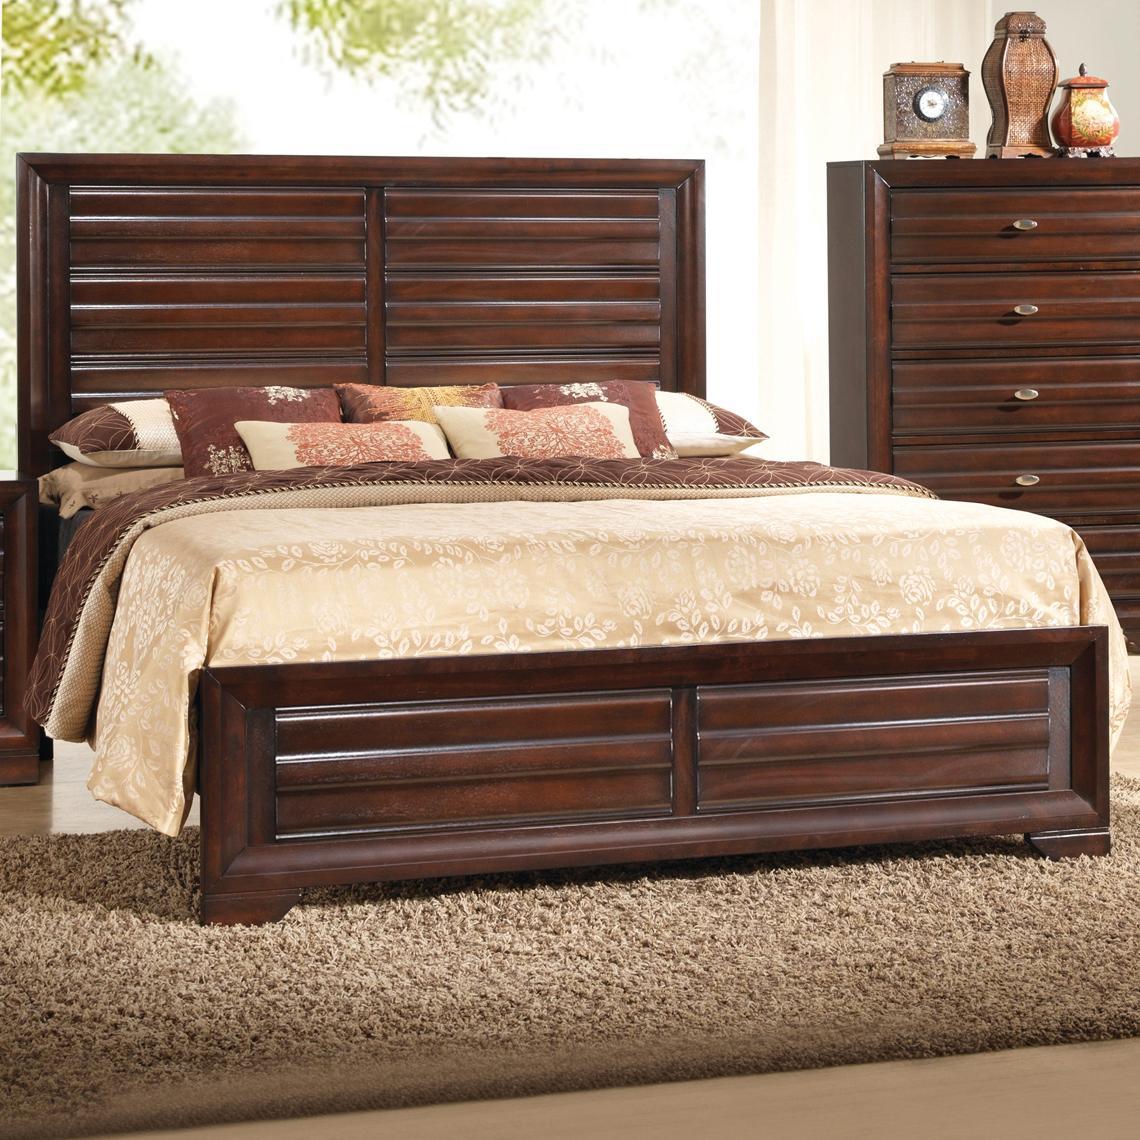 Crown Mark Stella King Headboard & Footboard Bed - Item Number: B4500-K-HBFB+RAIL